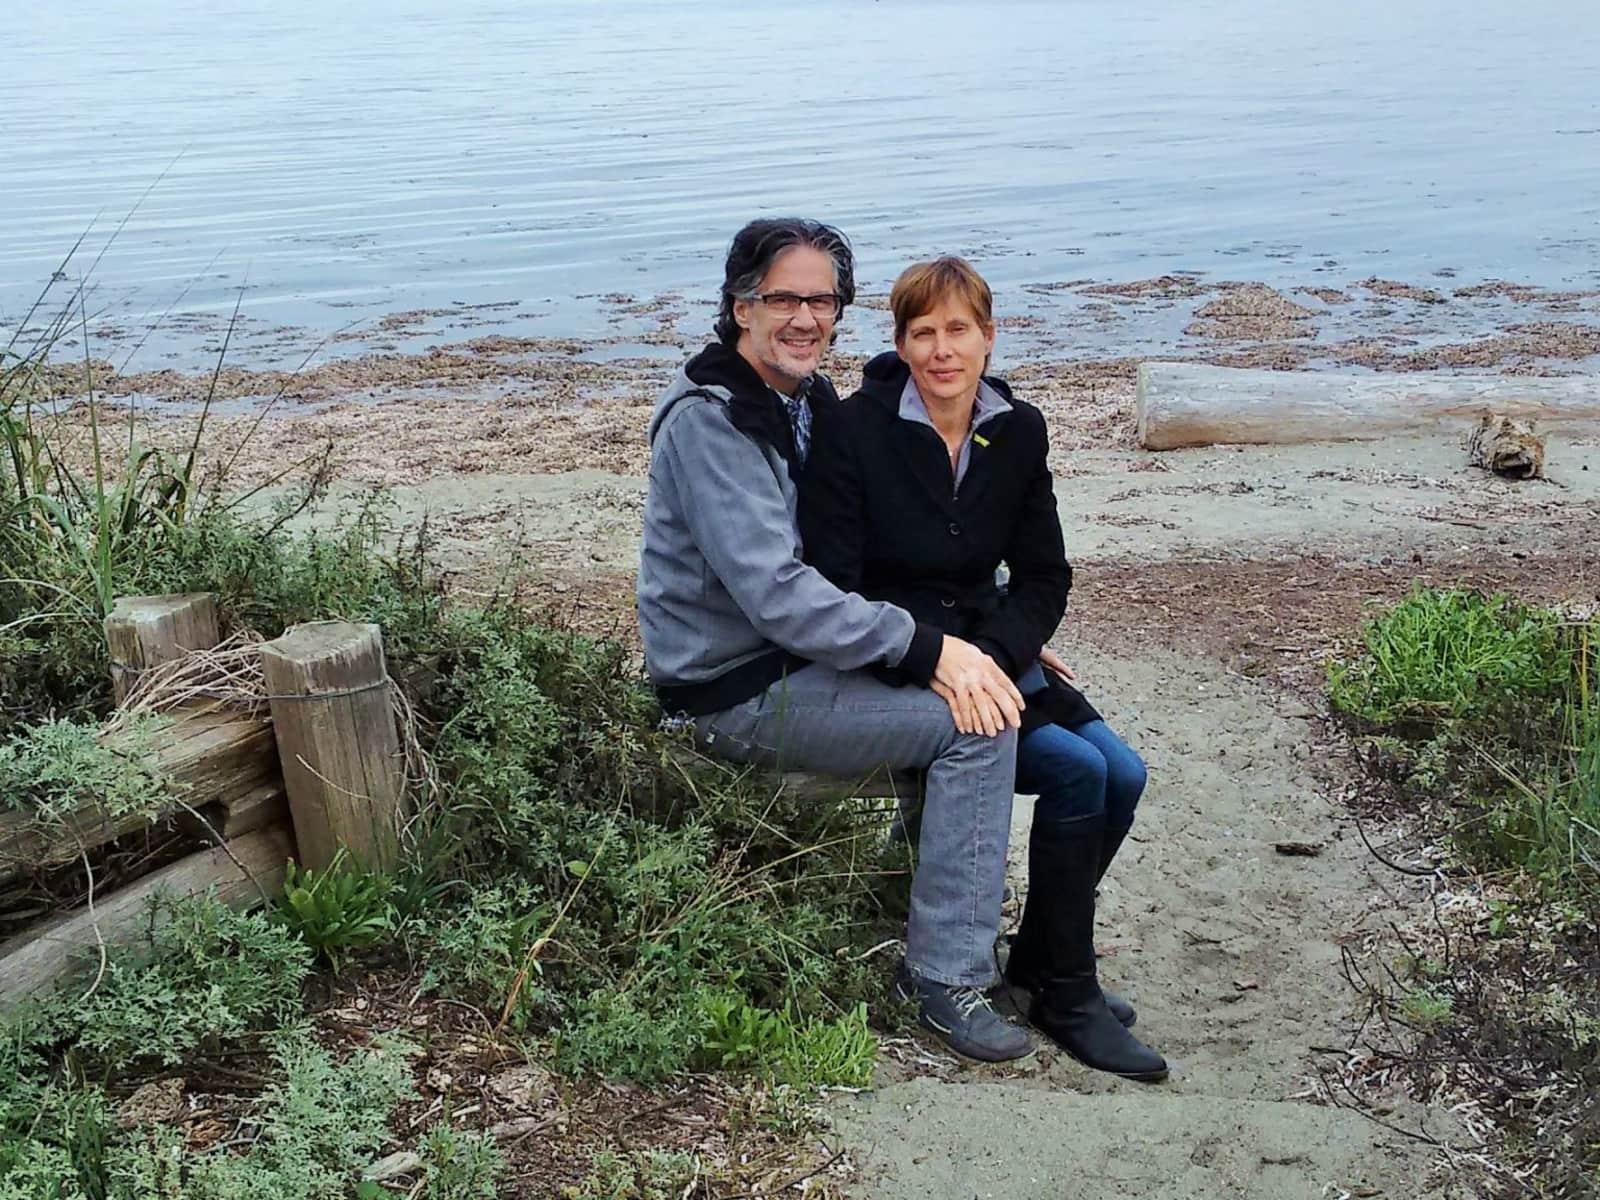 Elizabeth & Jason from Calgary, Alberta, Canada